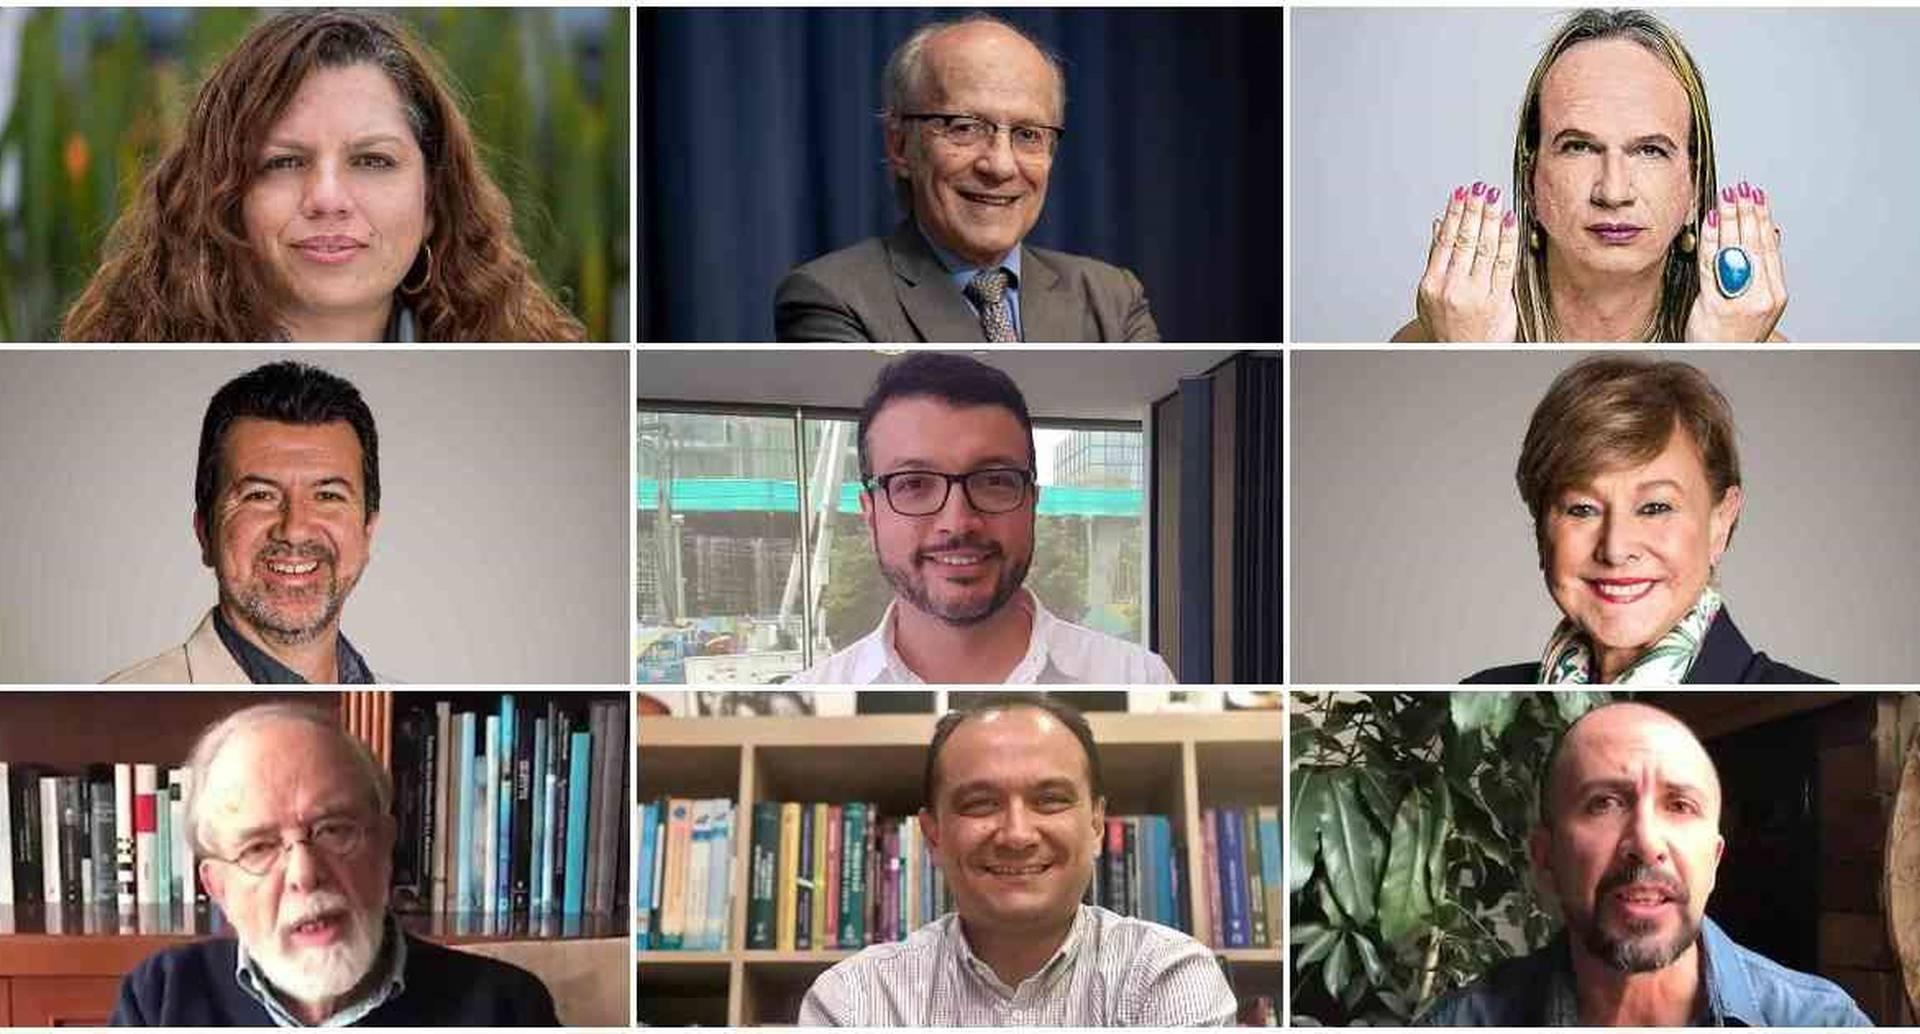 Ambientalistas se pronuncian en torno al nombramiento del nuevo ministro de Ambiente y Desarrollo Sostenible